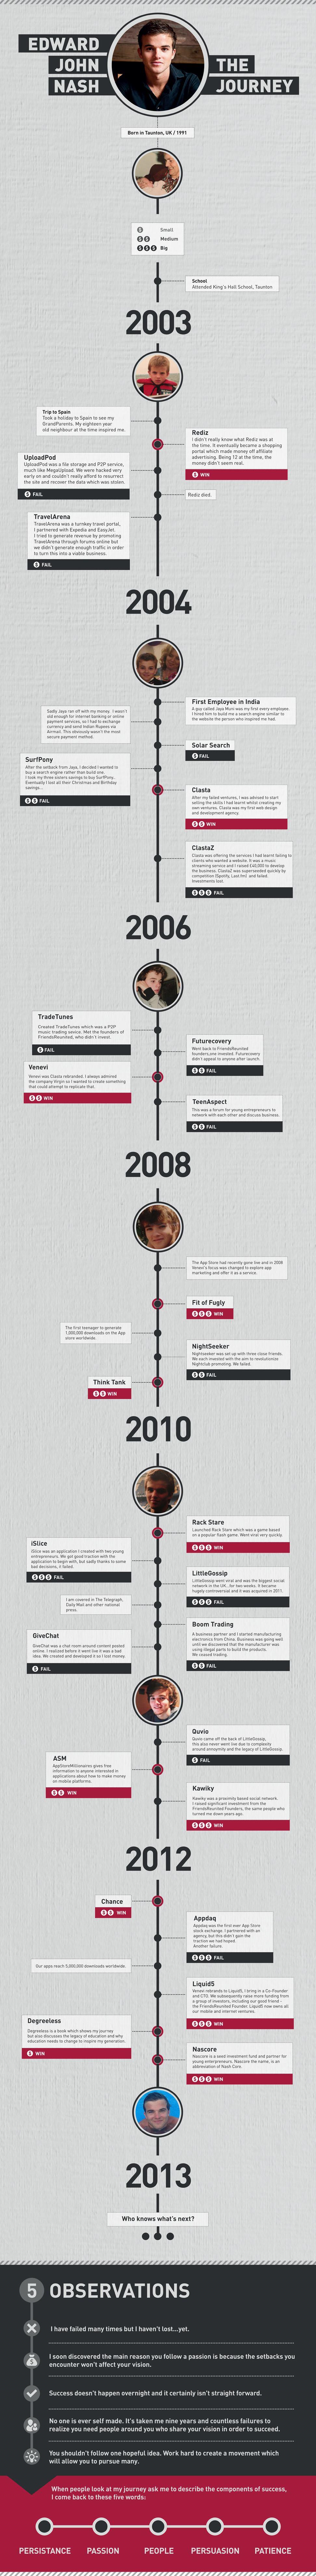 Teds Timeline